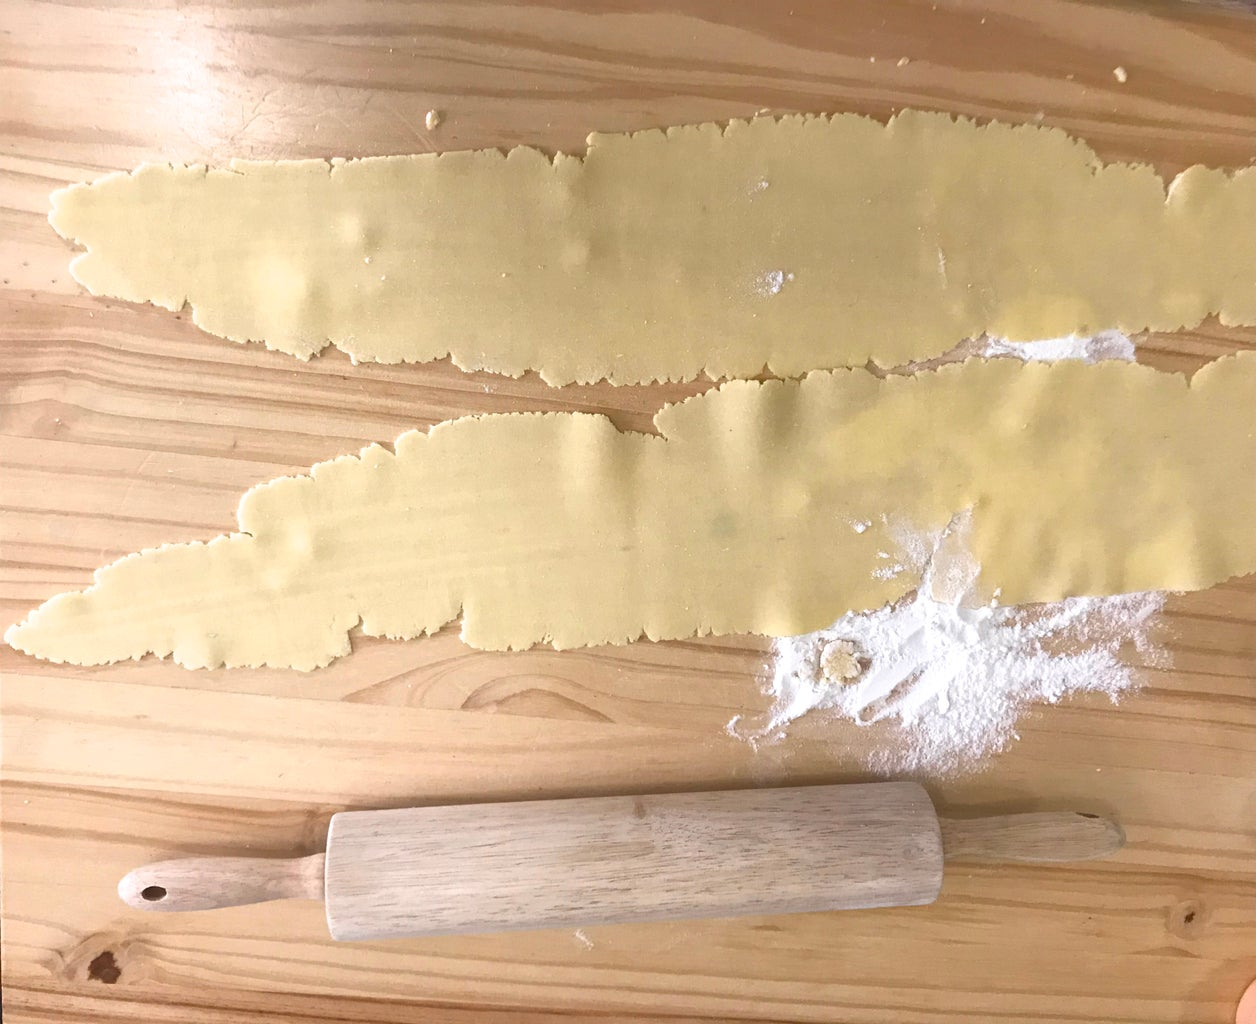 Shaping Dough